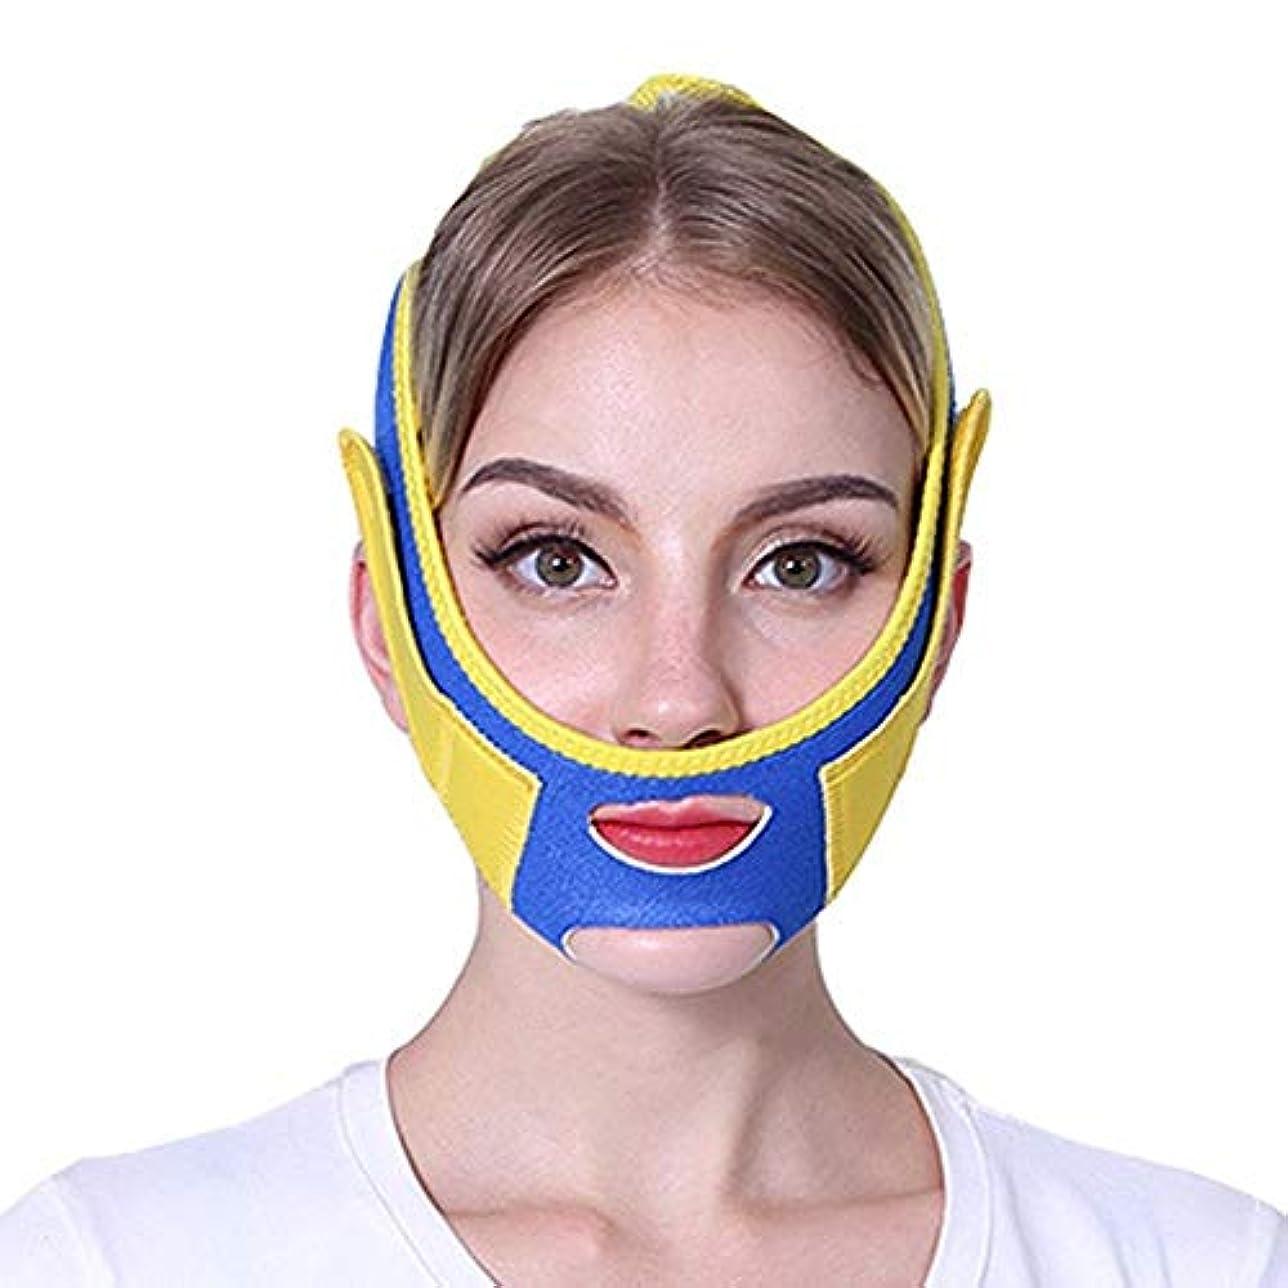 連続的トロピカル集計フェイスリフティング包帯、フェイシャルマッサージV字型で肌の弾力性を高め ダブルチンの美容ケアツール (Color : Blue)